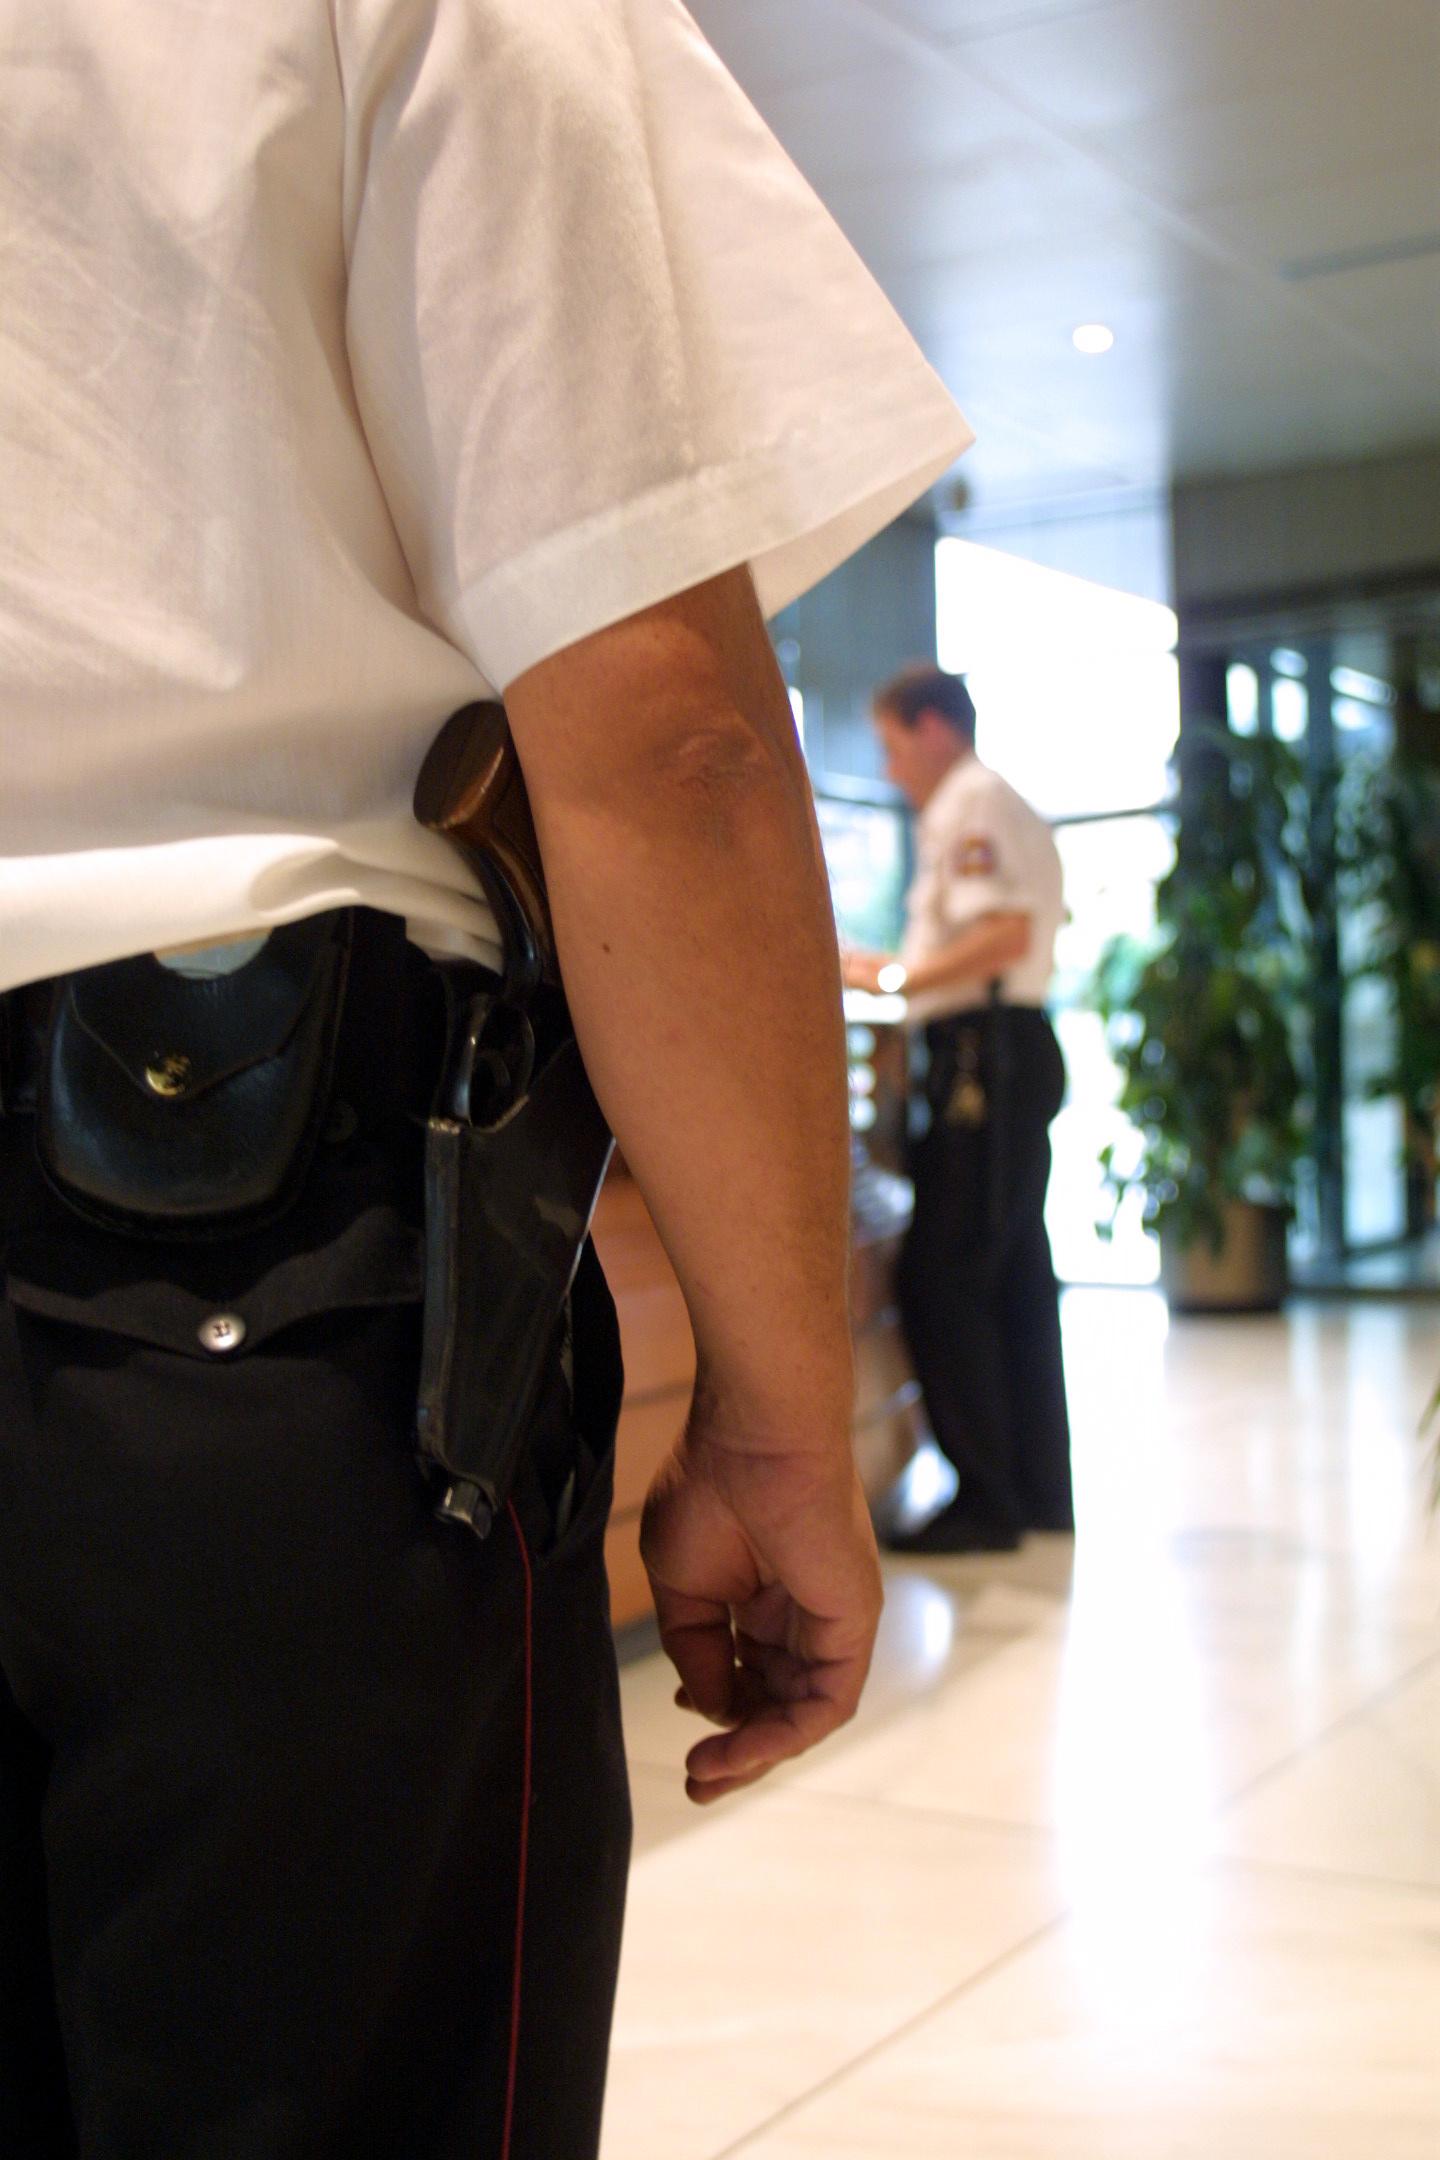 SEAD0112,VIGILANCIA,SEGURIDAD PRIVADA Y PROTECCIÓN DE PERSONAS